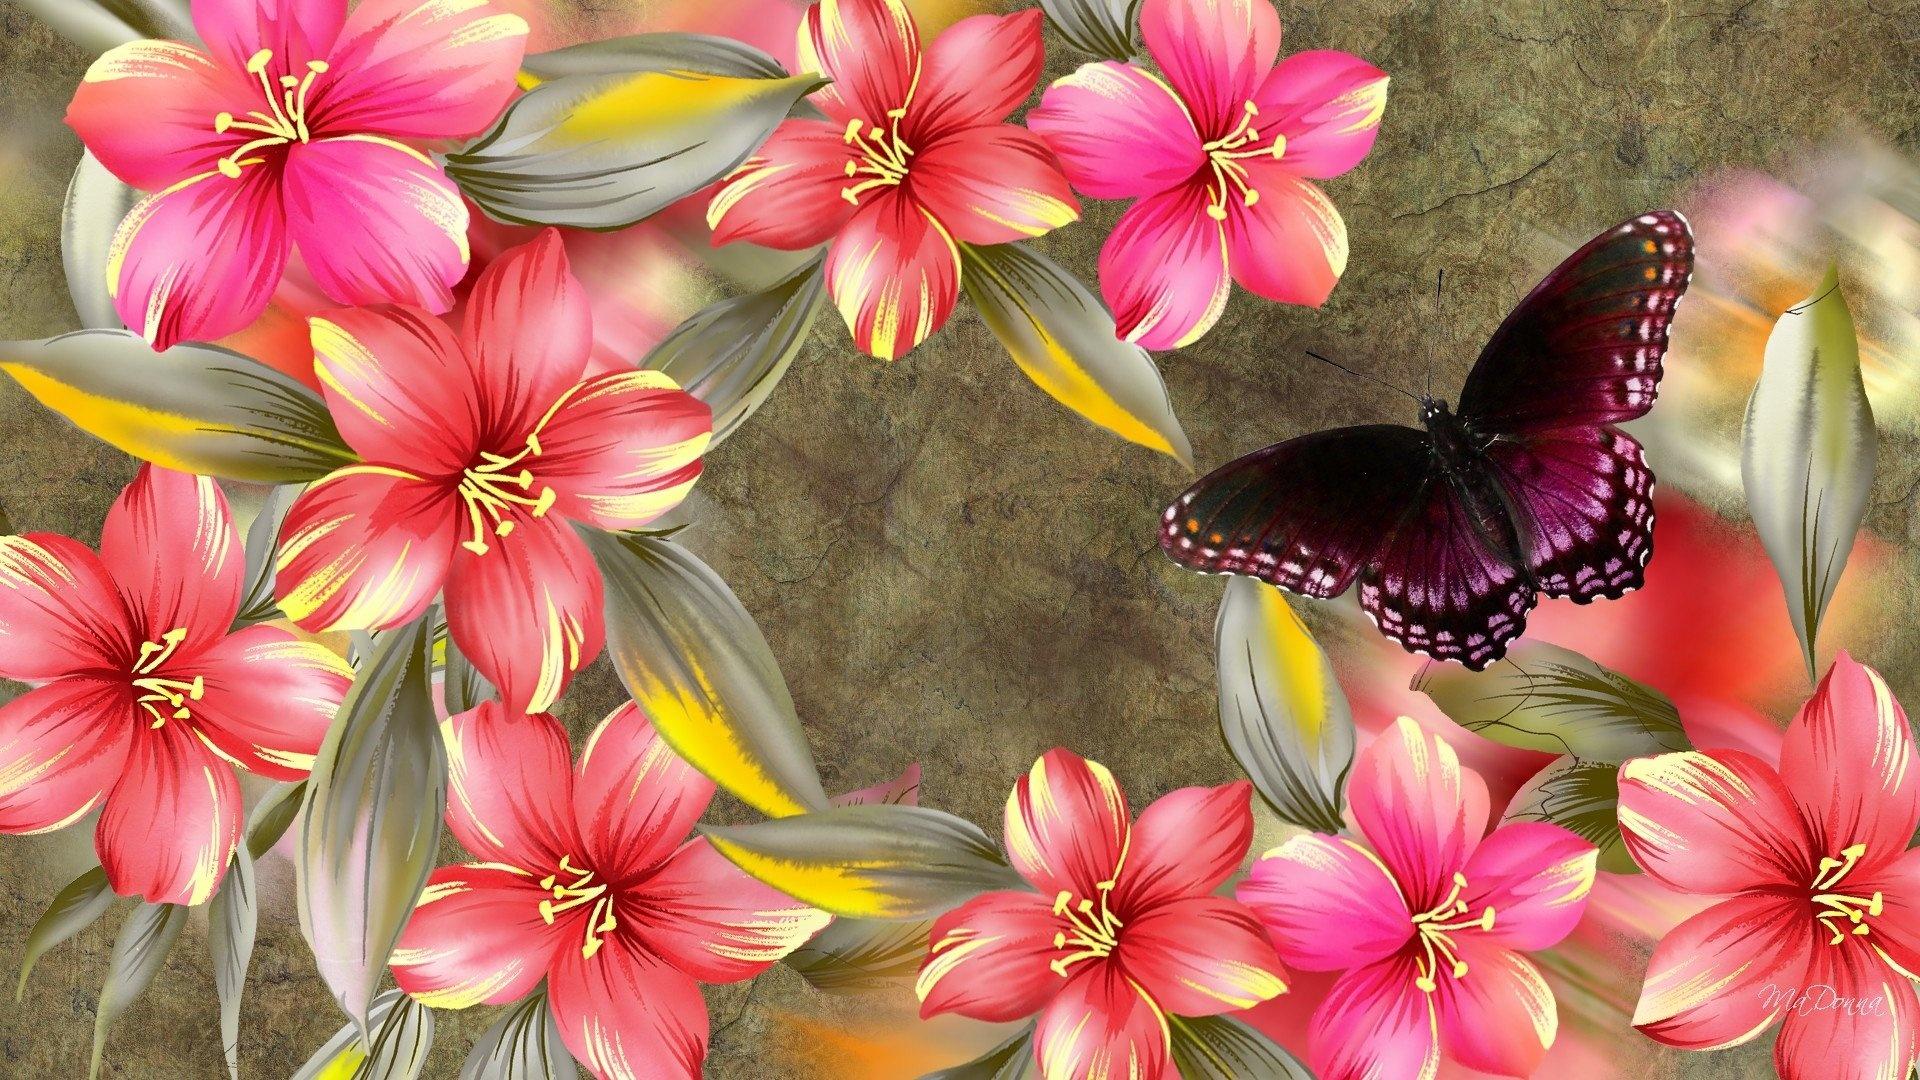 Butterfly wallpaper hd